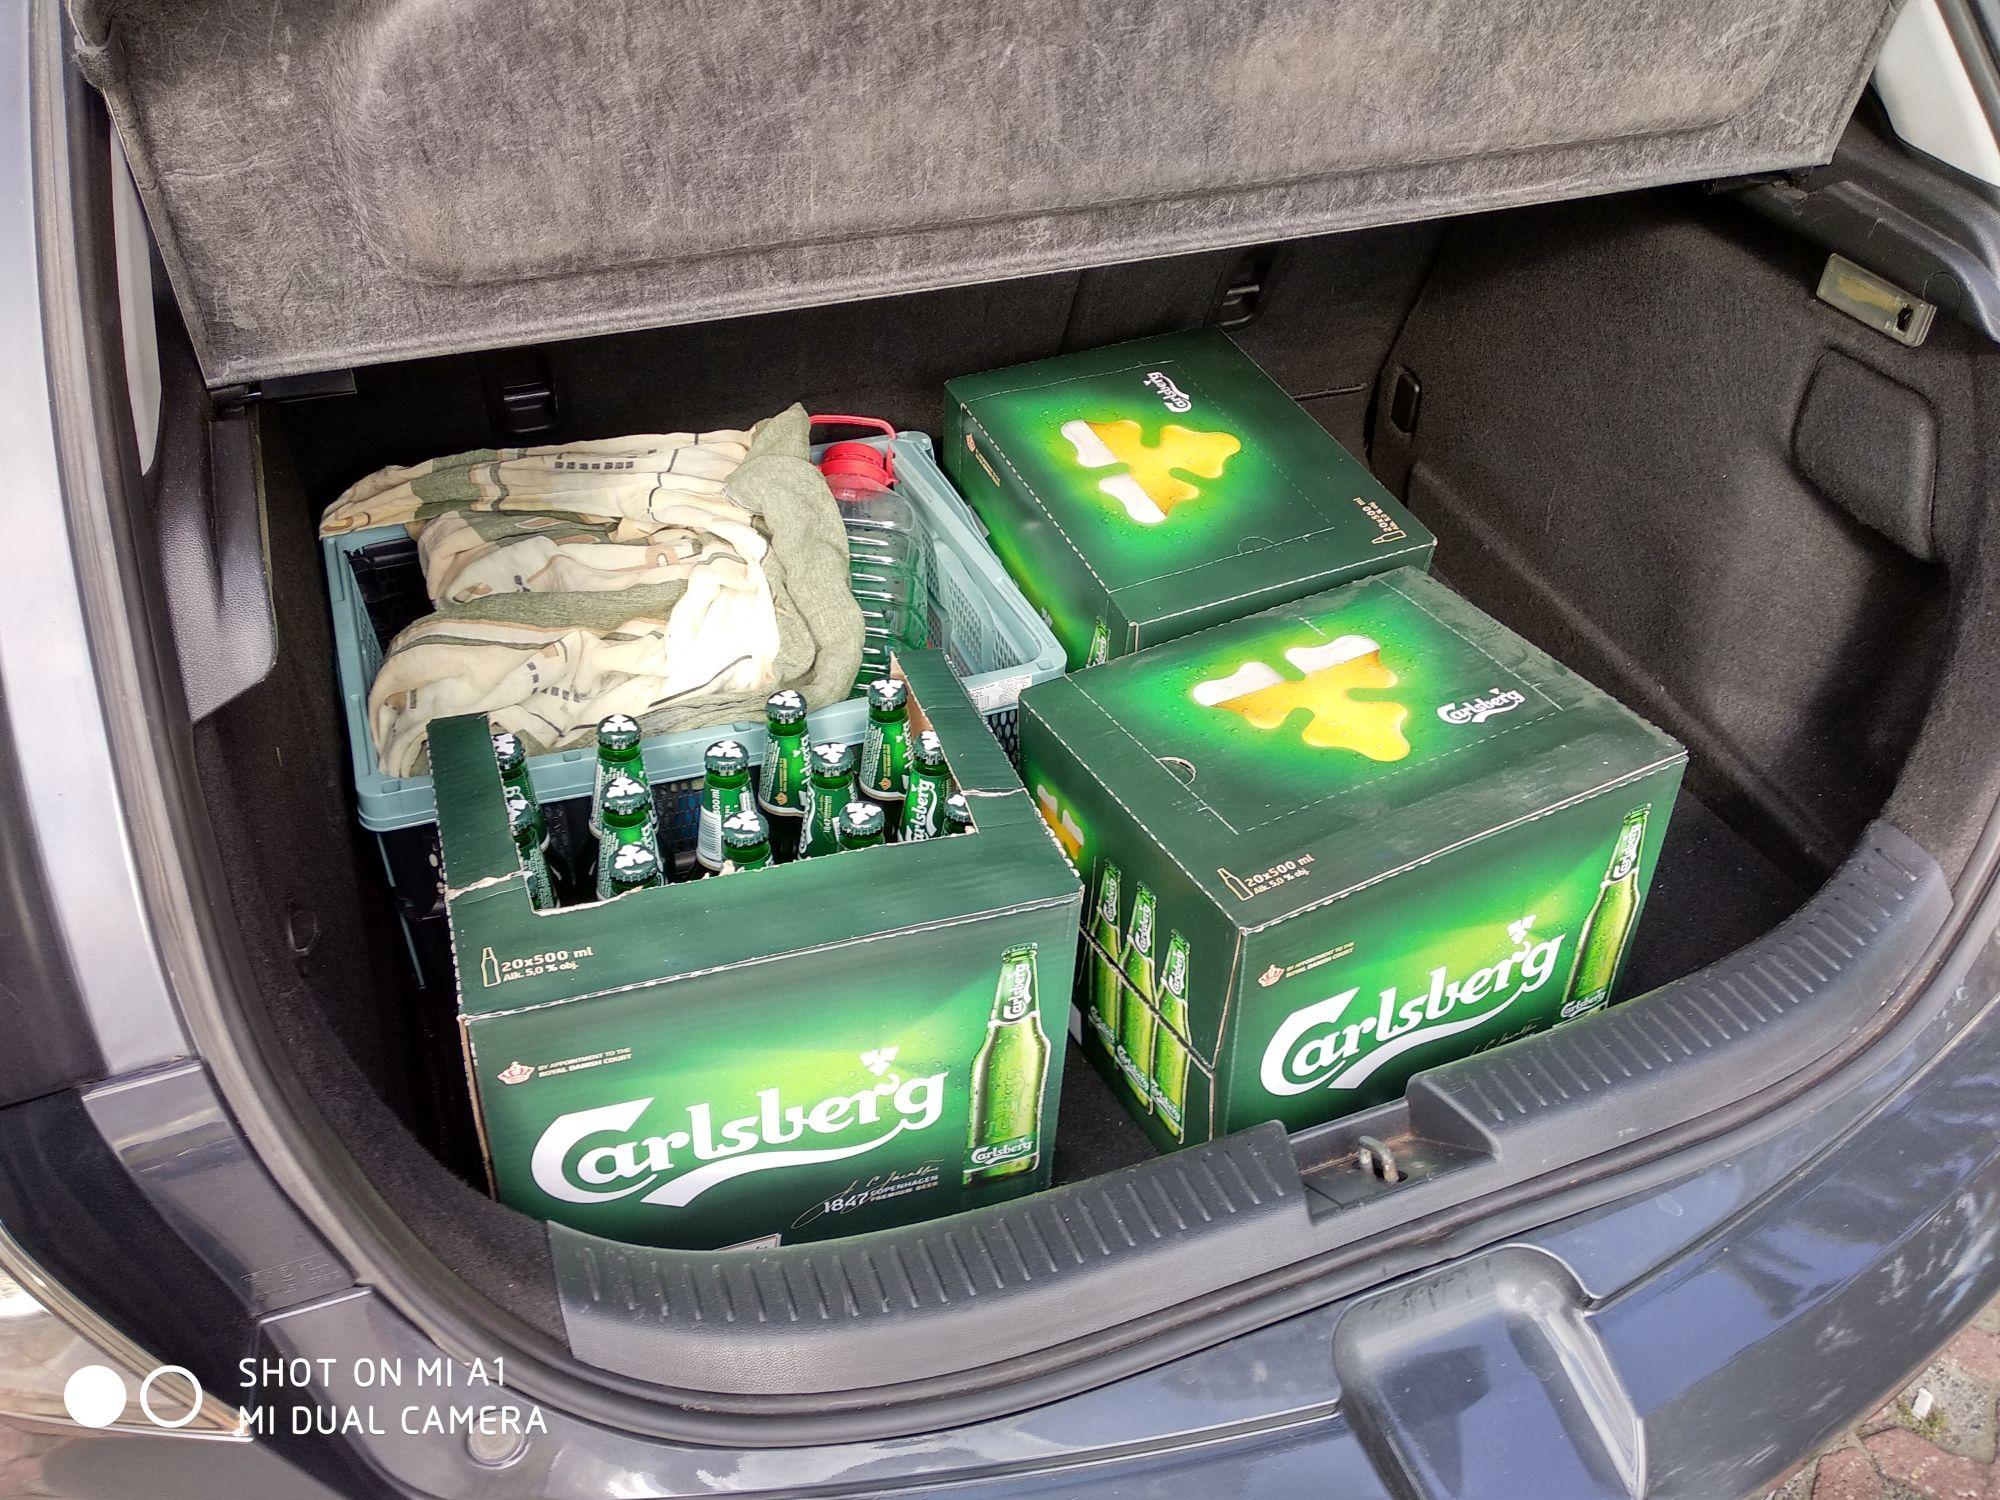 Tanie piwo Carlsberg biedronka